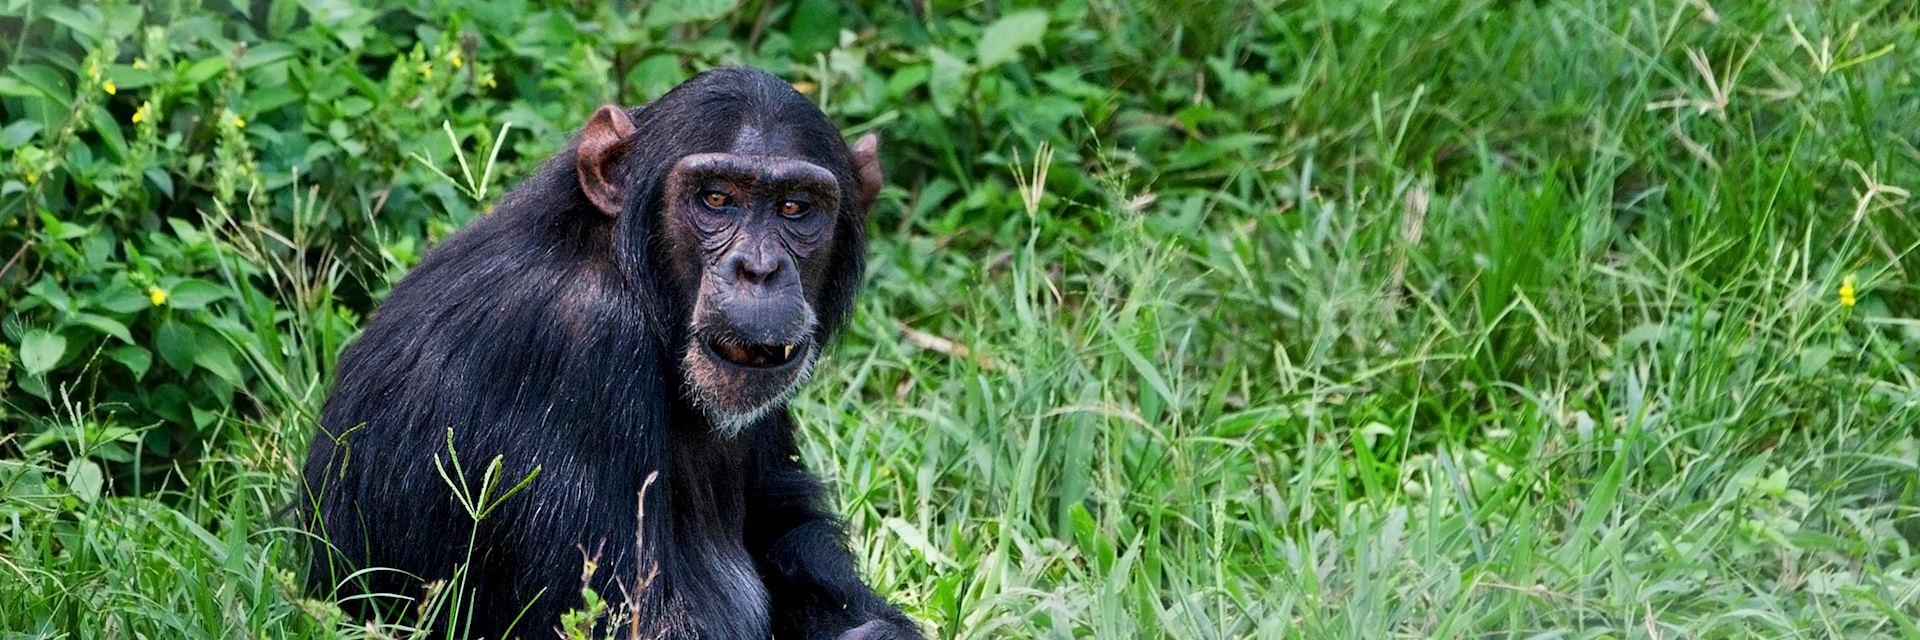 Chimpanzee, Ngamba Island Chimpanzee Sanctuary